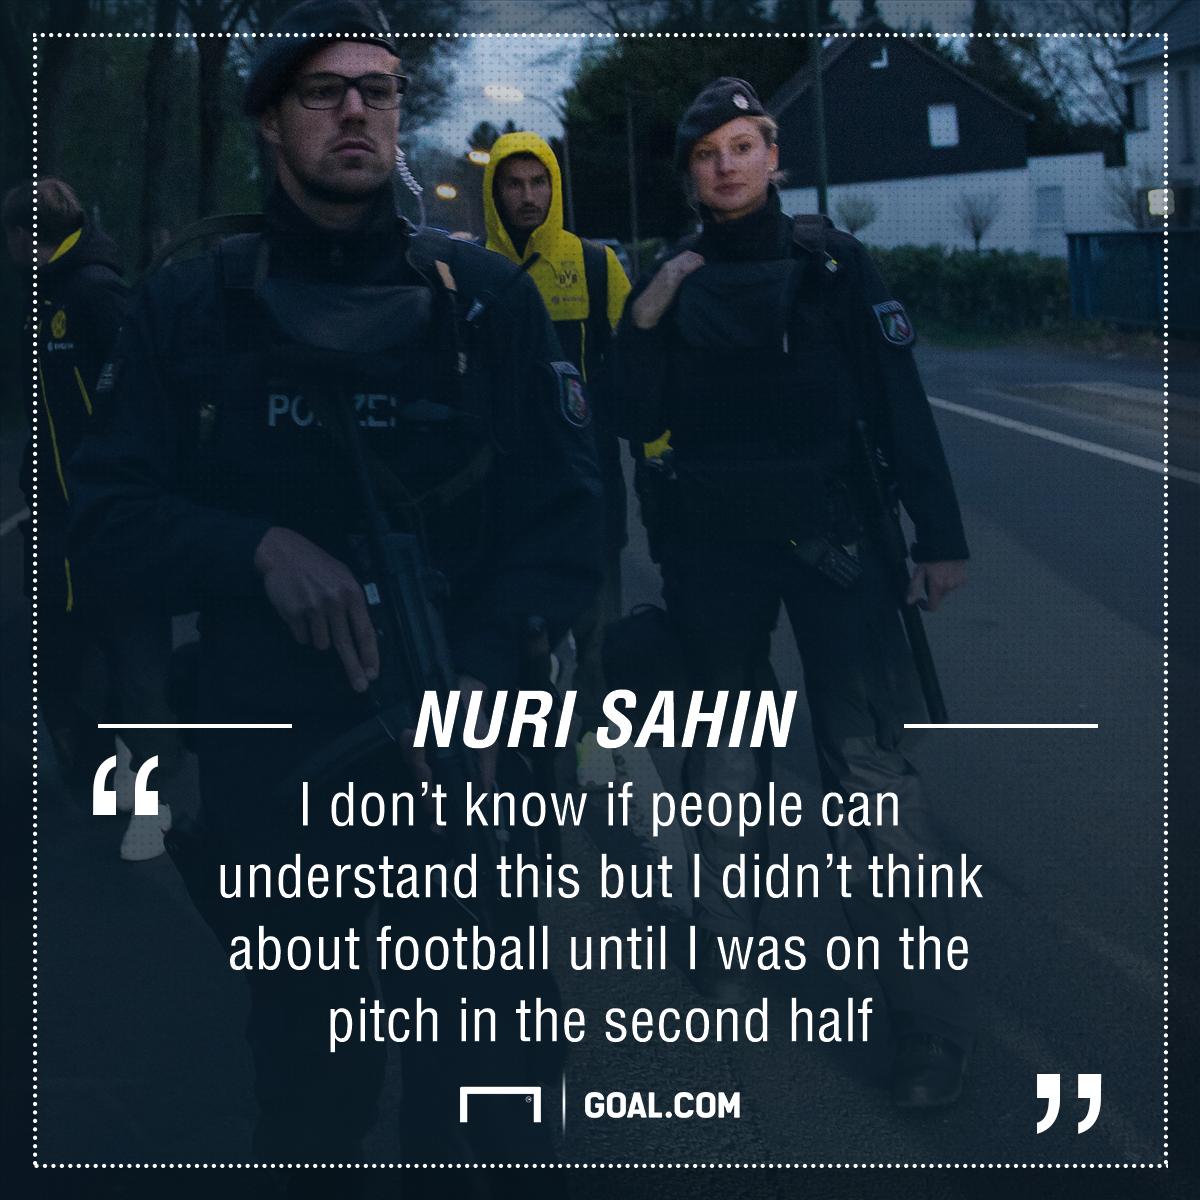 Nuri Sahin